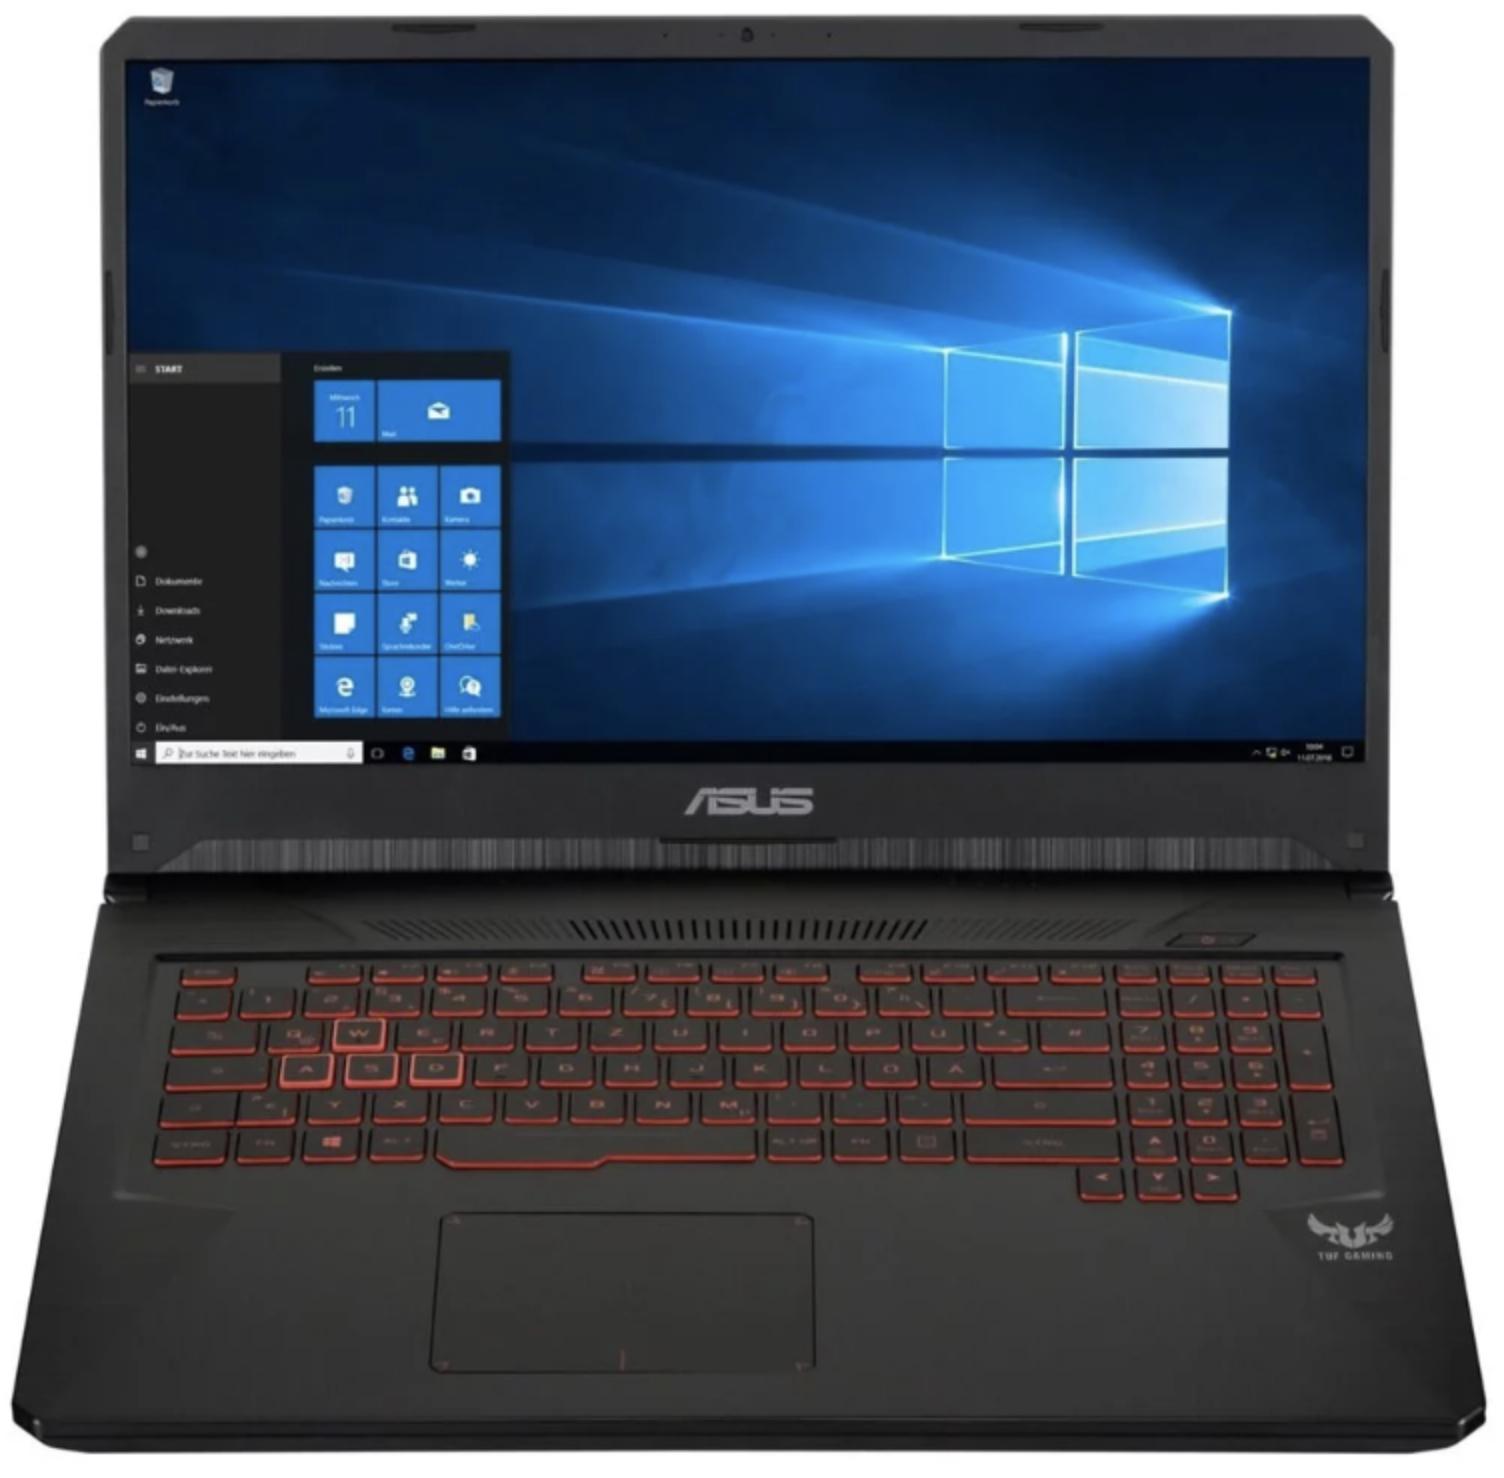 Asus Gaming-Notebook TUF FX705GM-EW186T für nur 999 Euro